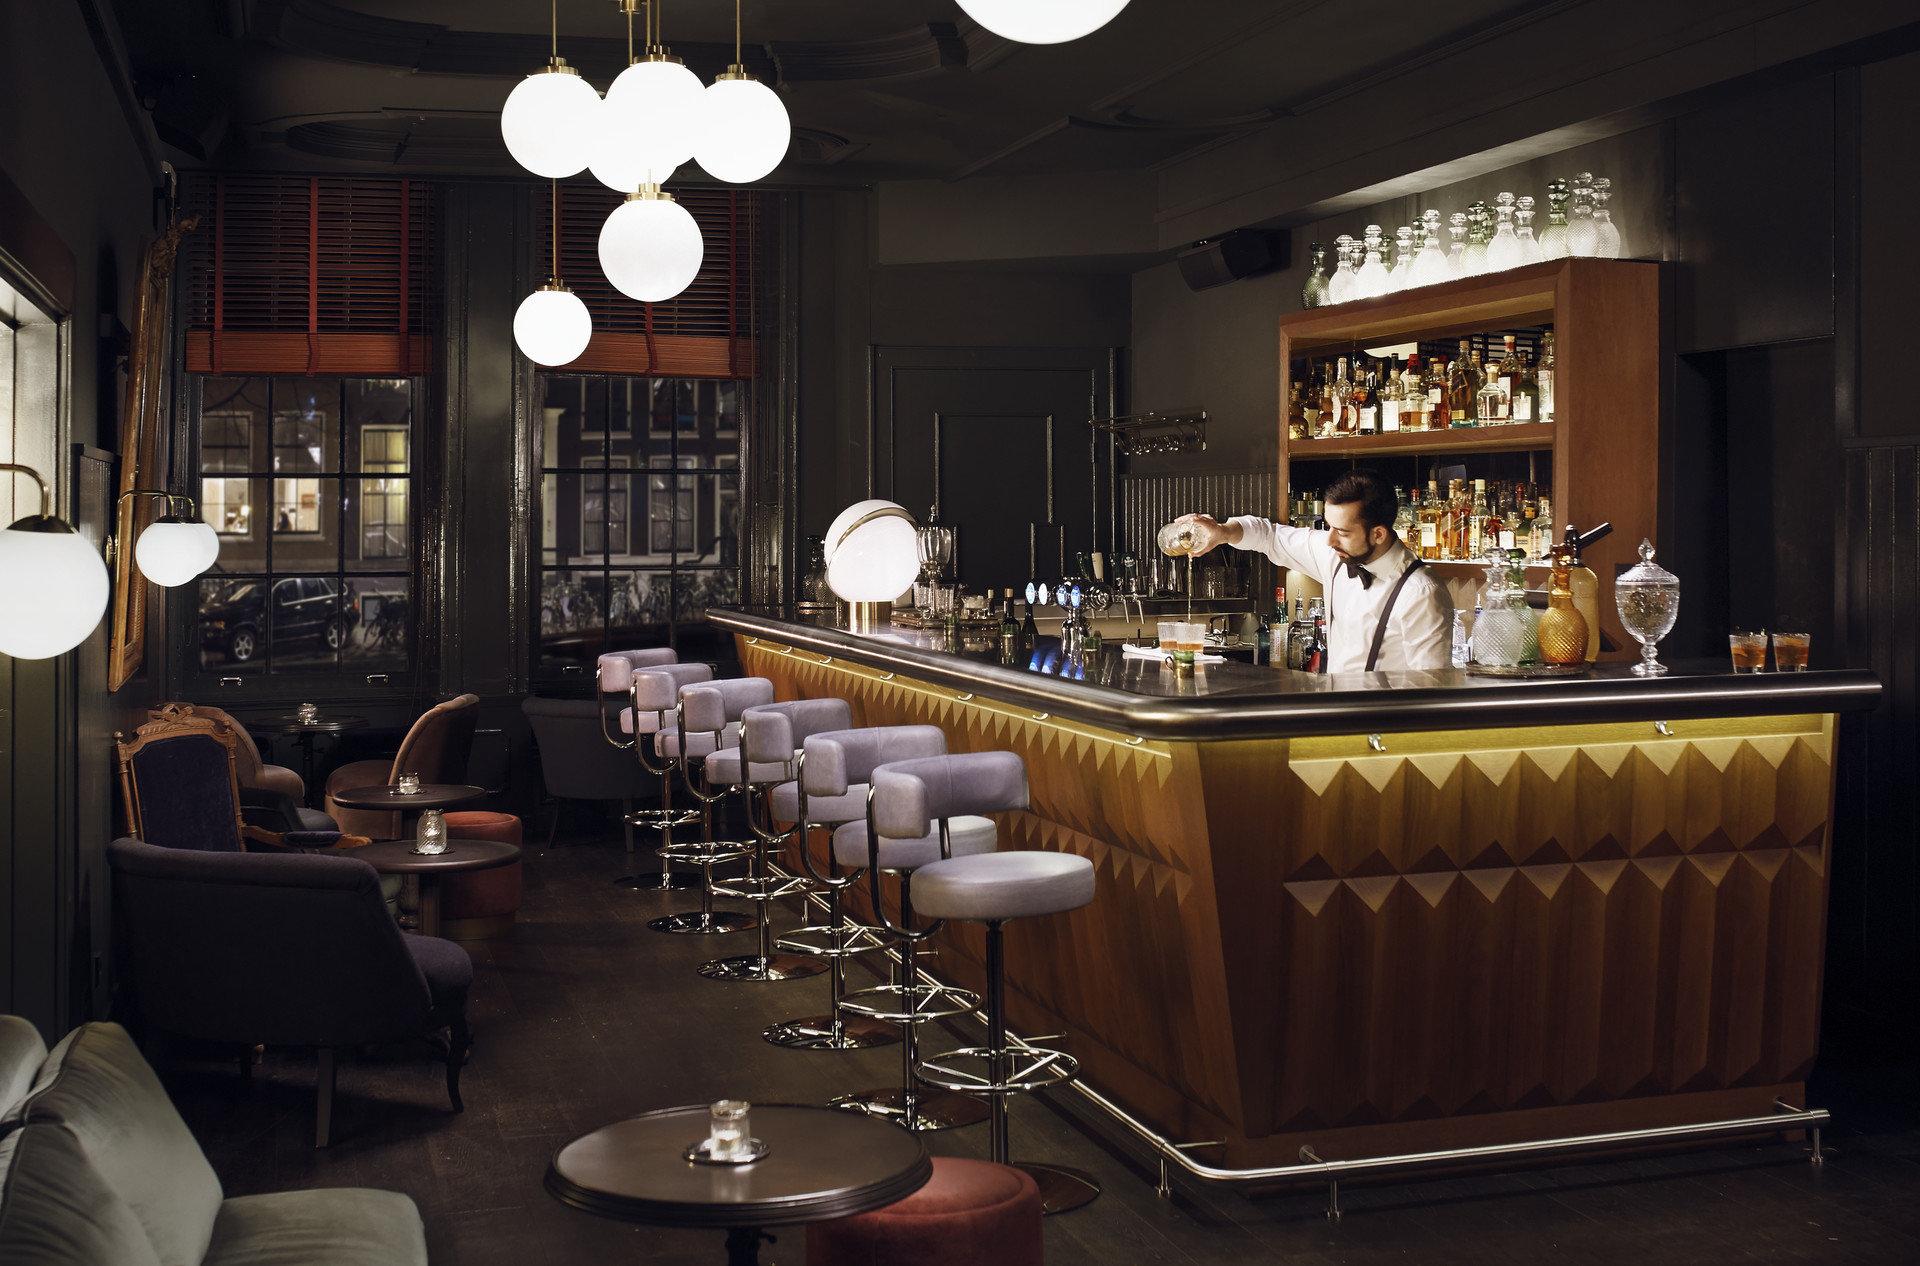 Hotels indoor ceiling room restaurant meal Bar interior design estate café furniture